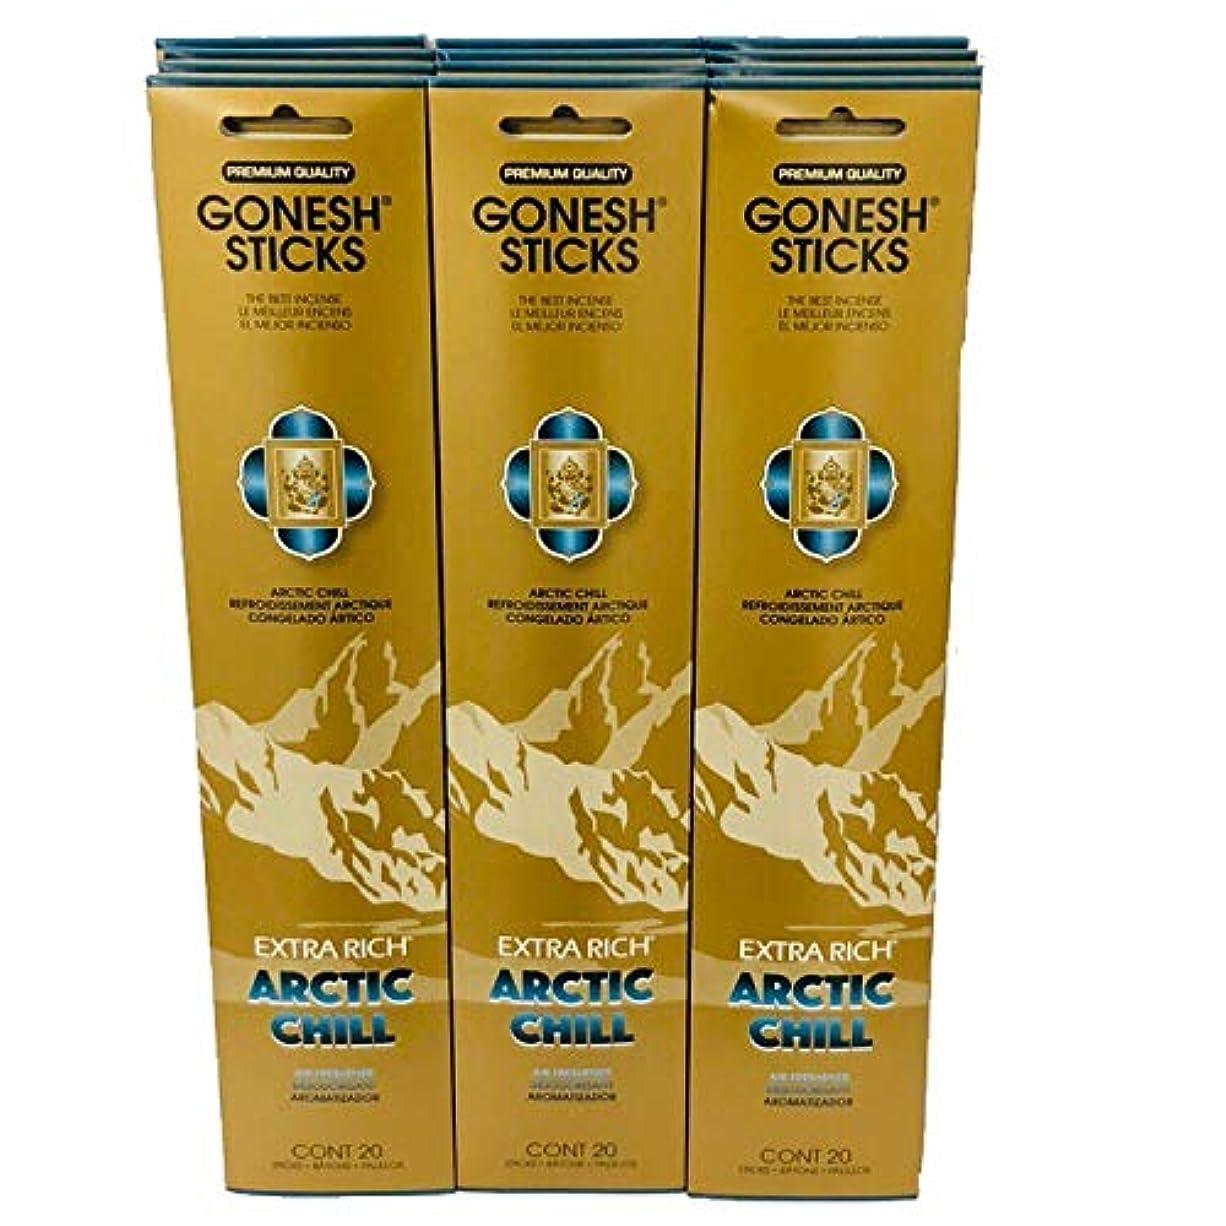 活力沿って無意味Gonesh – 12 ARCTIC CHILL PACK ( 240 Sticks ) Incense Sticks Extra Richコレクション